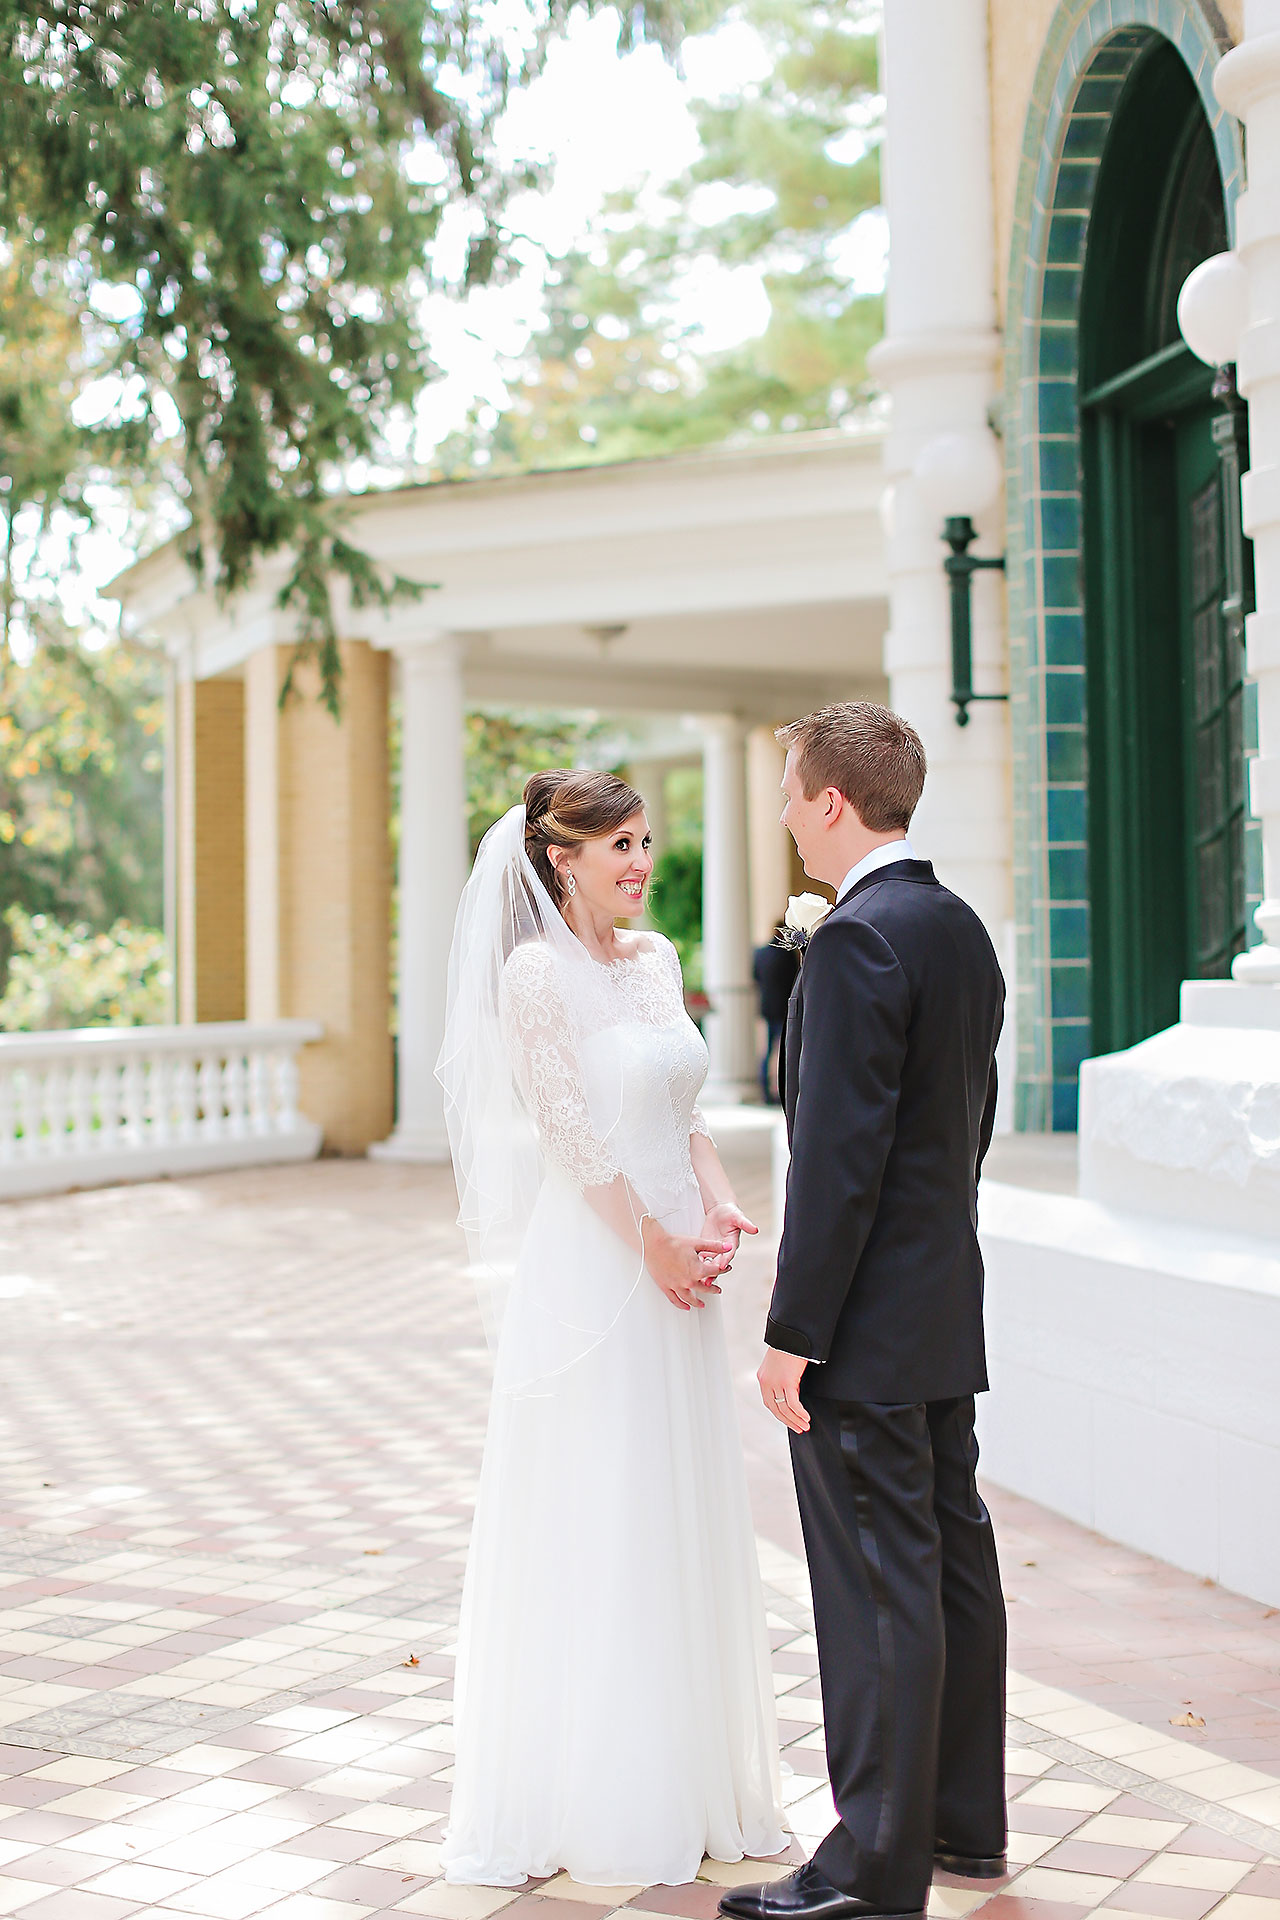 Chelsea Jeff West Baden Wedding 074